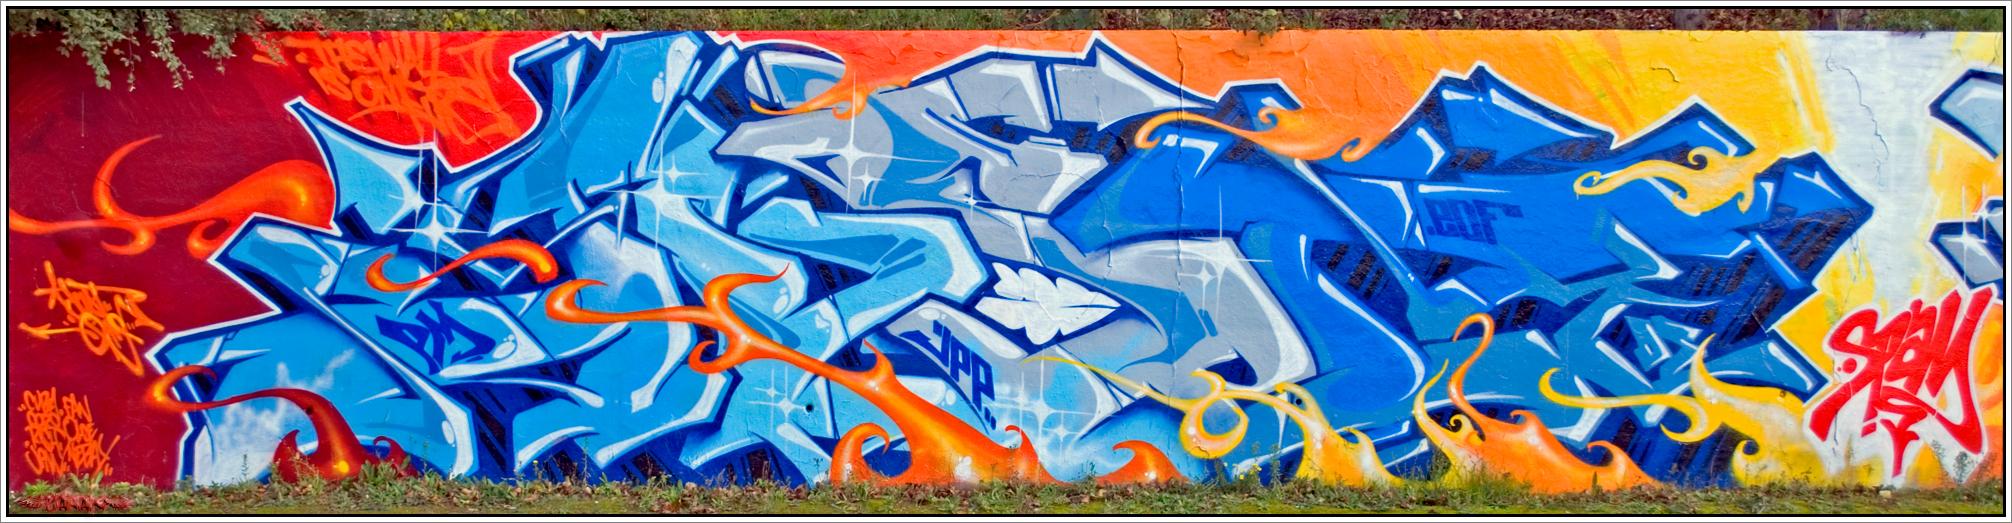 afarm4.static.flickr.com_3061_3082091835_c84b3541a9_o.jpg